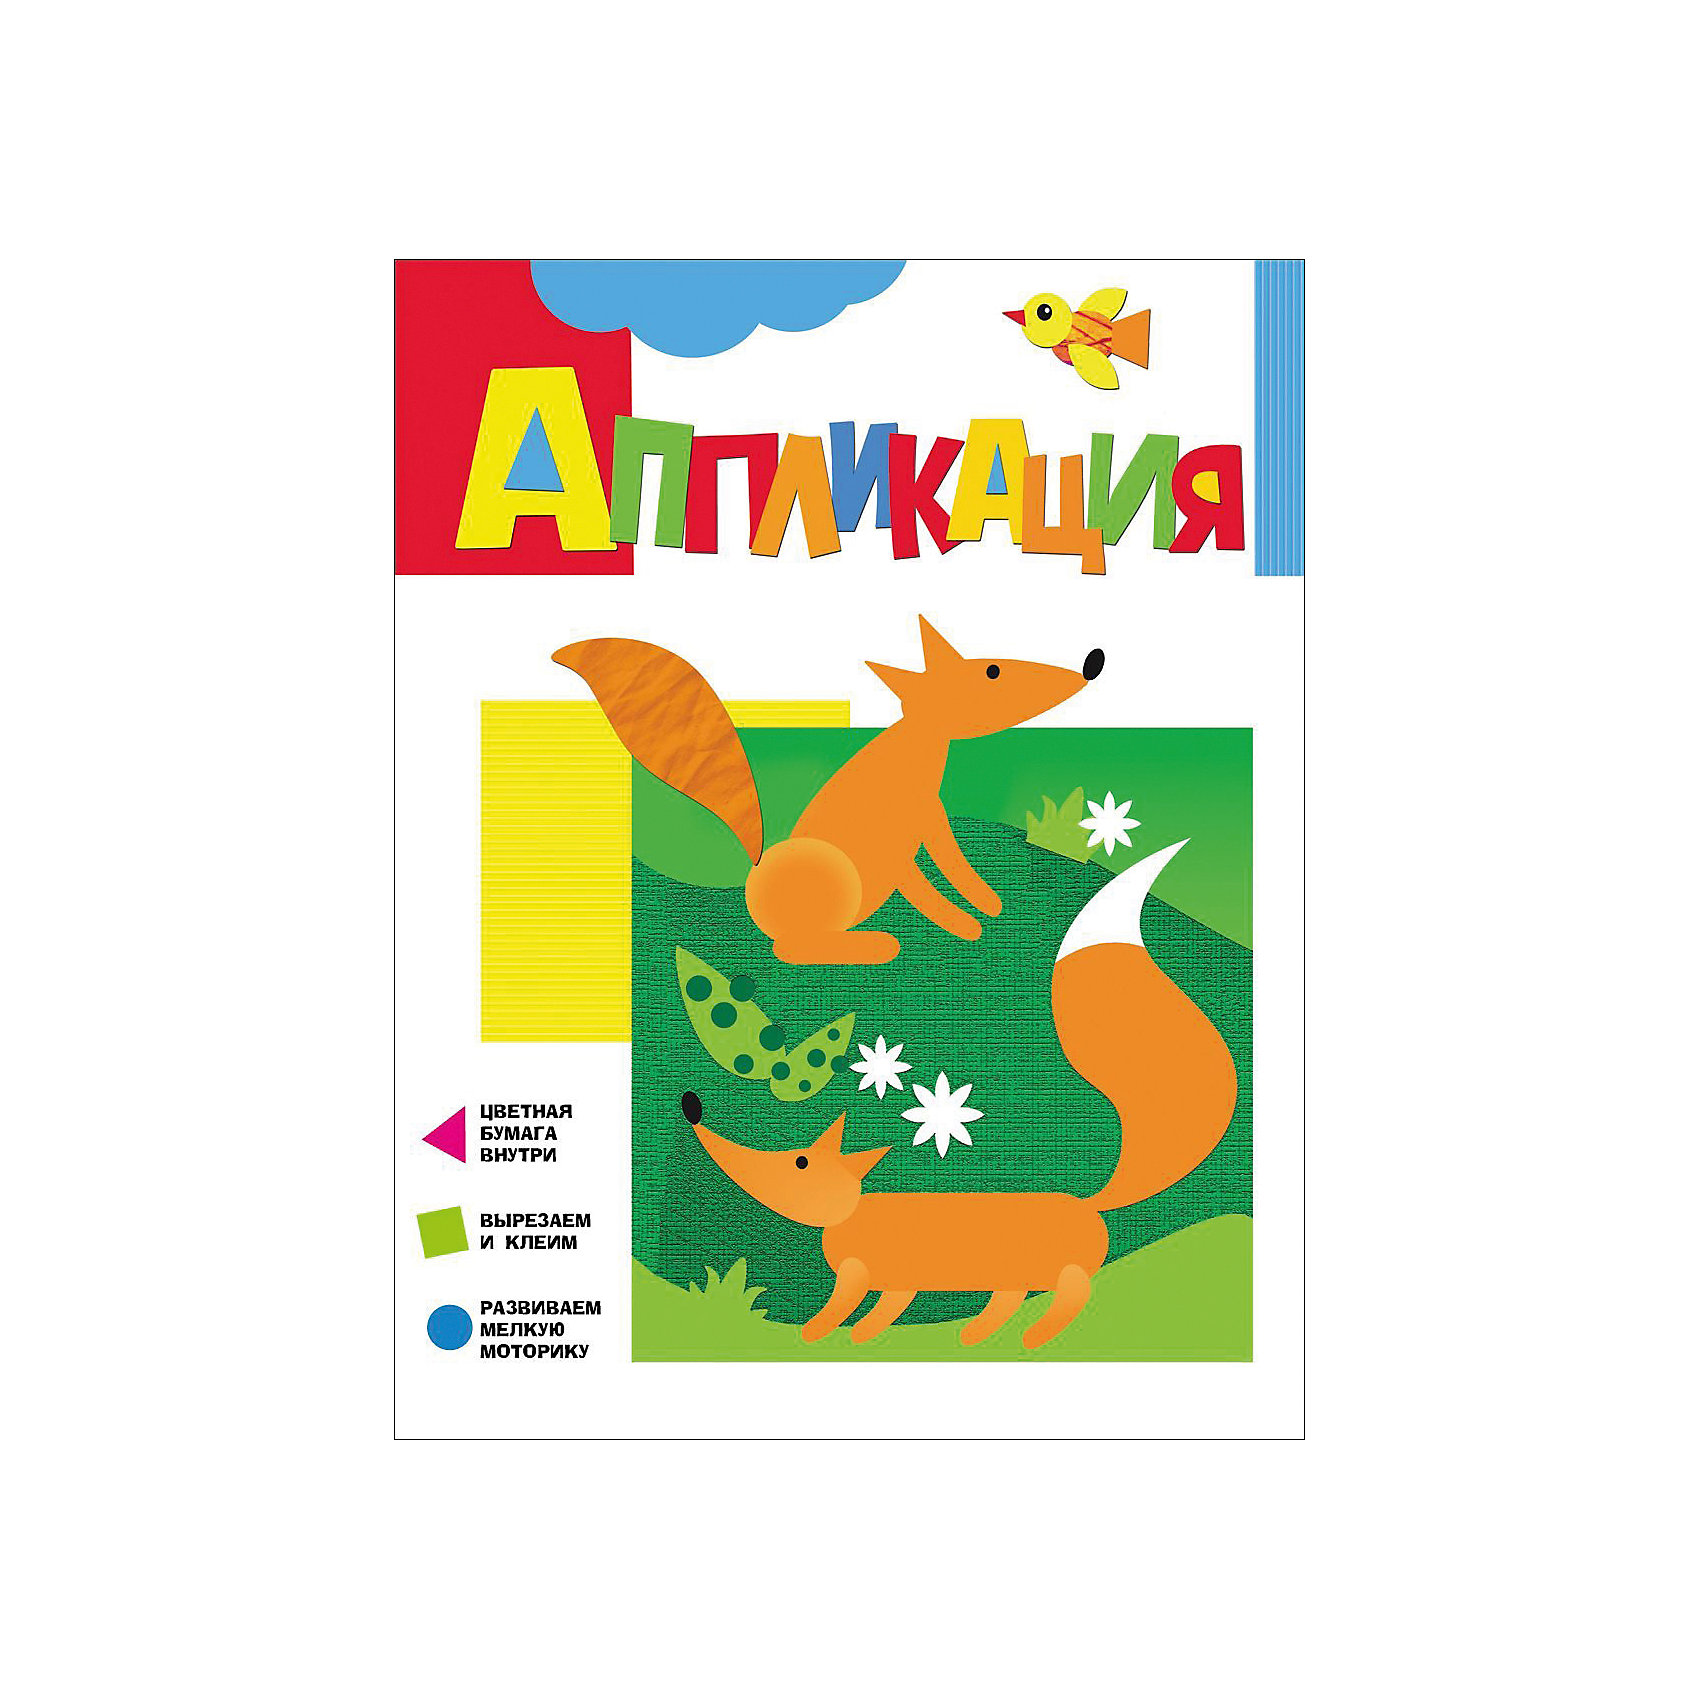 Аппликация. ЛисичкиХарактеристики товара:<br><br>- цвет: разноцветный;<br>- материал: бумага;<br>- формат: 22 х 29 см;<br>- страниц: 16;<br>- обложка: мягкая.<br><br>Это издание станет отличным подарком для ребенка. Оно поможет малышу развить творческие навыки и весело провести время! Из цветной бумаги разных цветов ребенок может сложить рисунок. Сделать это несложно - есть проиллюстрированная инструкция! Цветная бумага прилагается.<br>Такое занятие помогает ребенку развивать зрительную память, концентрацию внимания и воображение. Издание произведено из качественных материалов, которые безопасны даже для самых маленьких.<br><br>Издание Аппликация. Лисички от компании Росмэн можно купить в нашем интернет-магазине.<br><br>Ширина мм: 275<br>Глубина мм: 210<br>Высота мм: 3<br>Вес г: 74<br>Возраст от месяцев: 36<br>Возраст до месяцев: 72<br>Пол: Унисекс<br>Возраст: Детский<br>SKU: 5110138